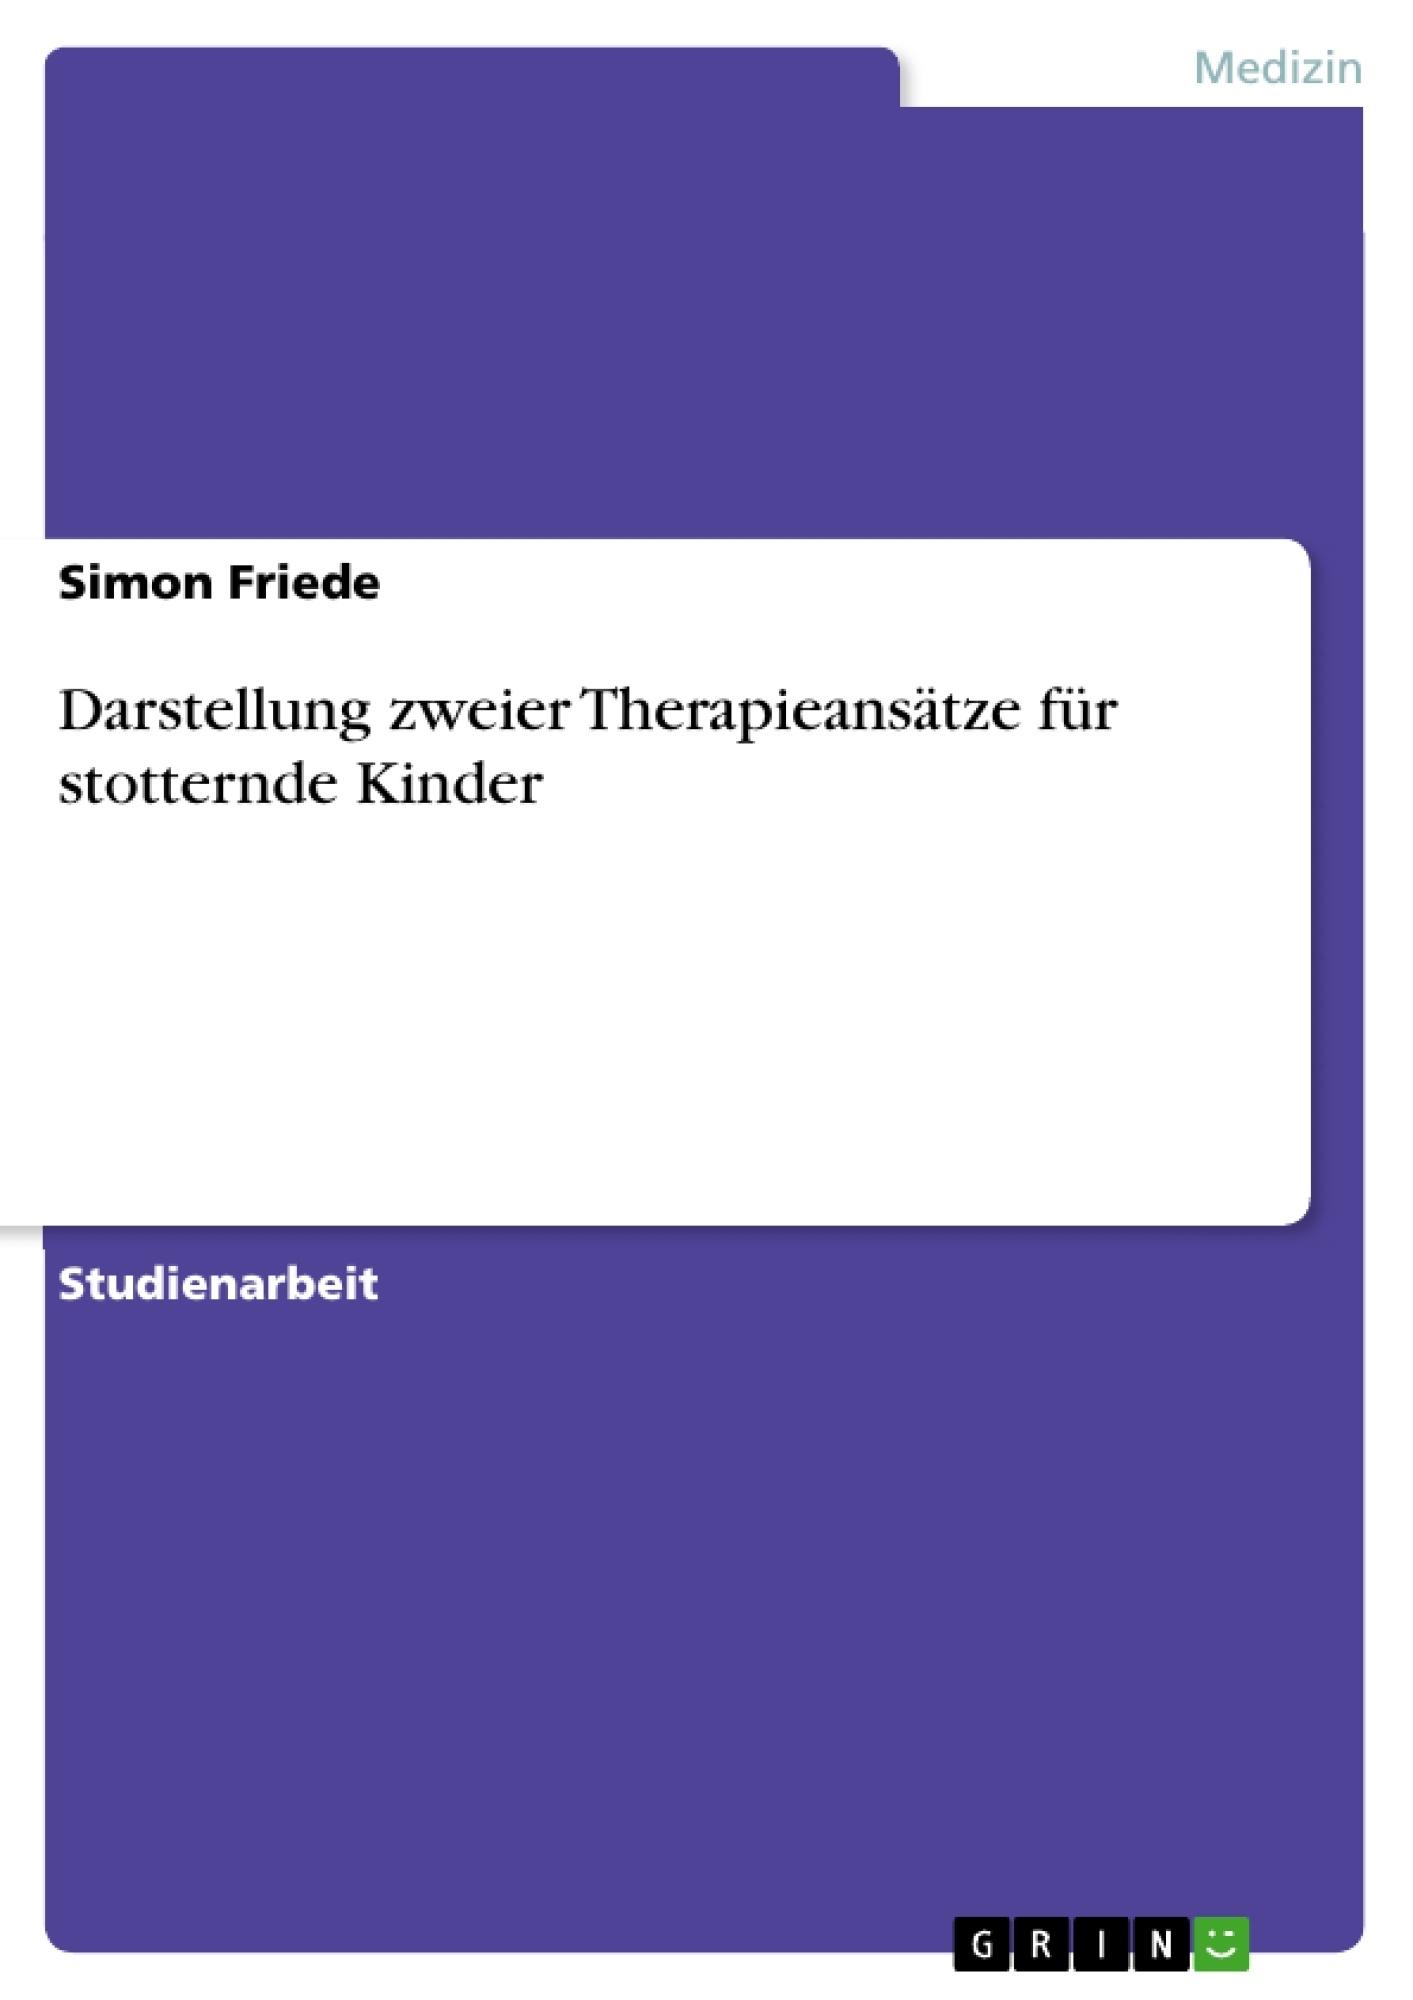 Titel: Darstellung zweier Therapieansätze für stotternde Kinder